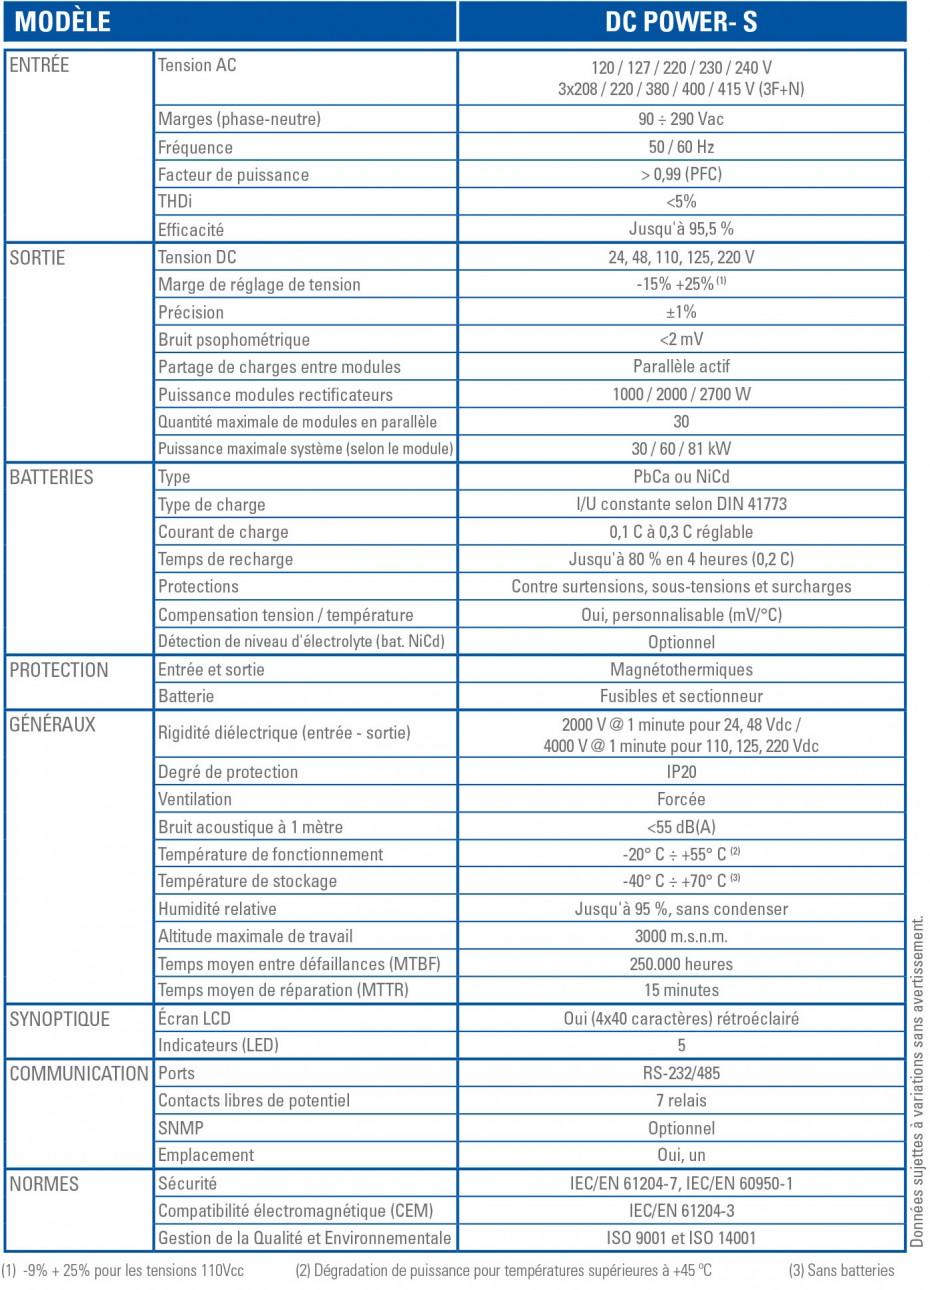 SPÉCIFICATIONS TECHNIQUES  - DC POWER-S - SALICRU